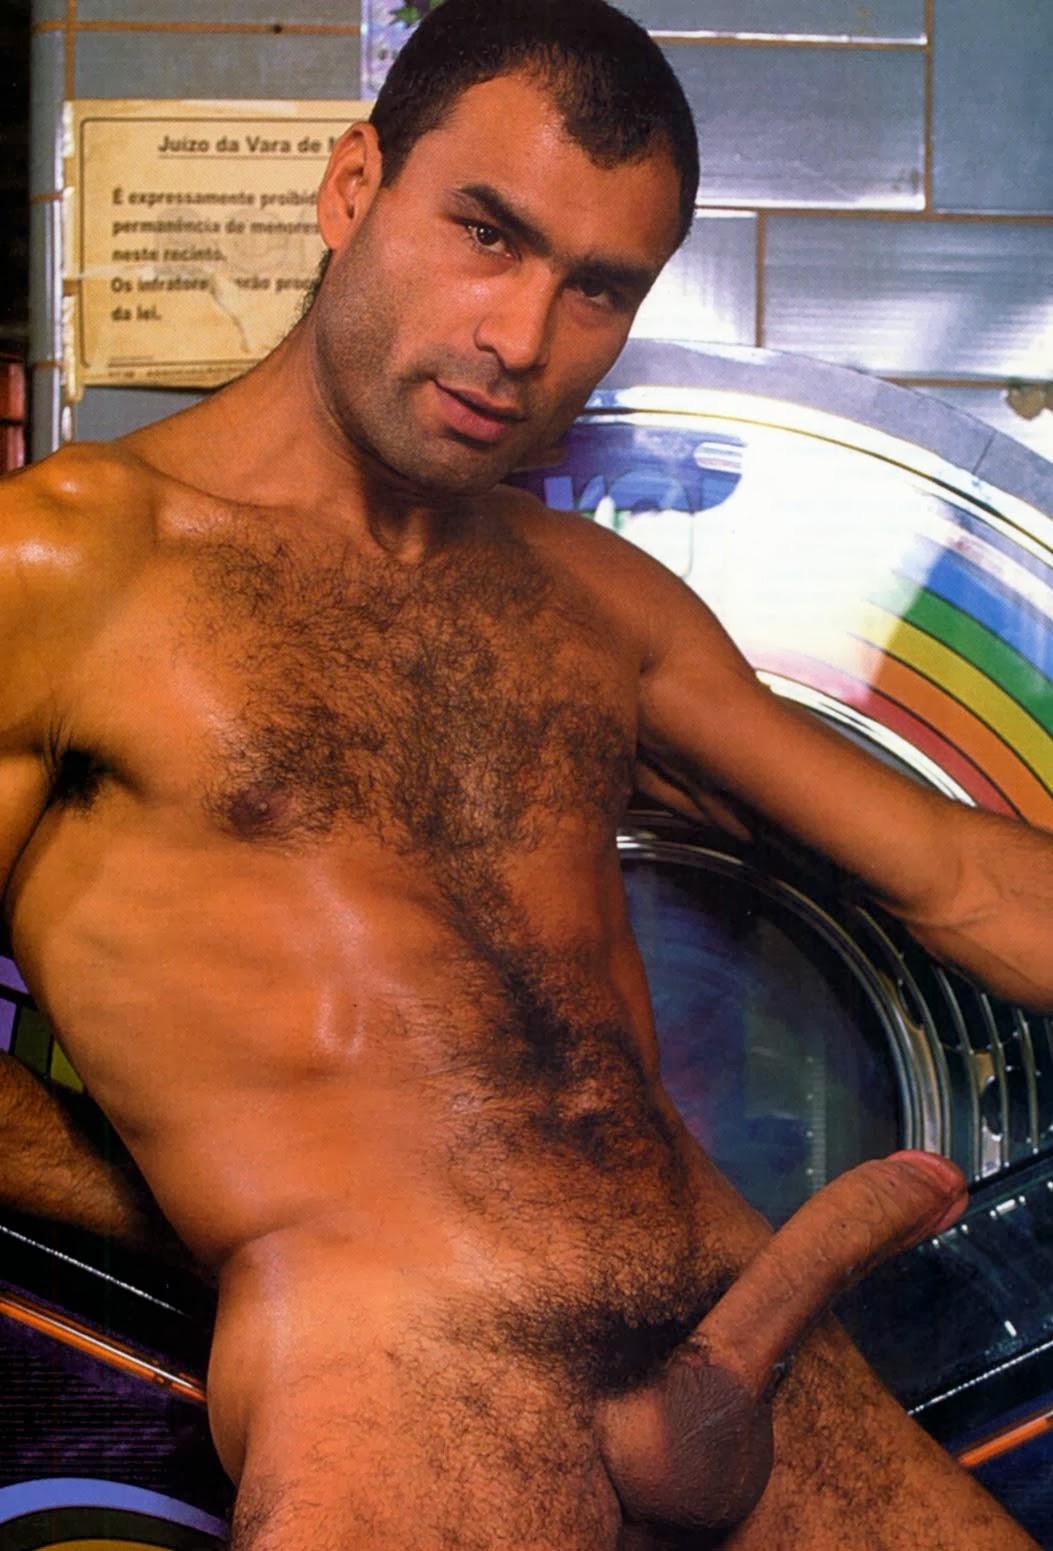 harry hungwell smokin hot latin paulo guina click link after photos